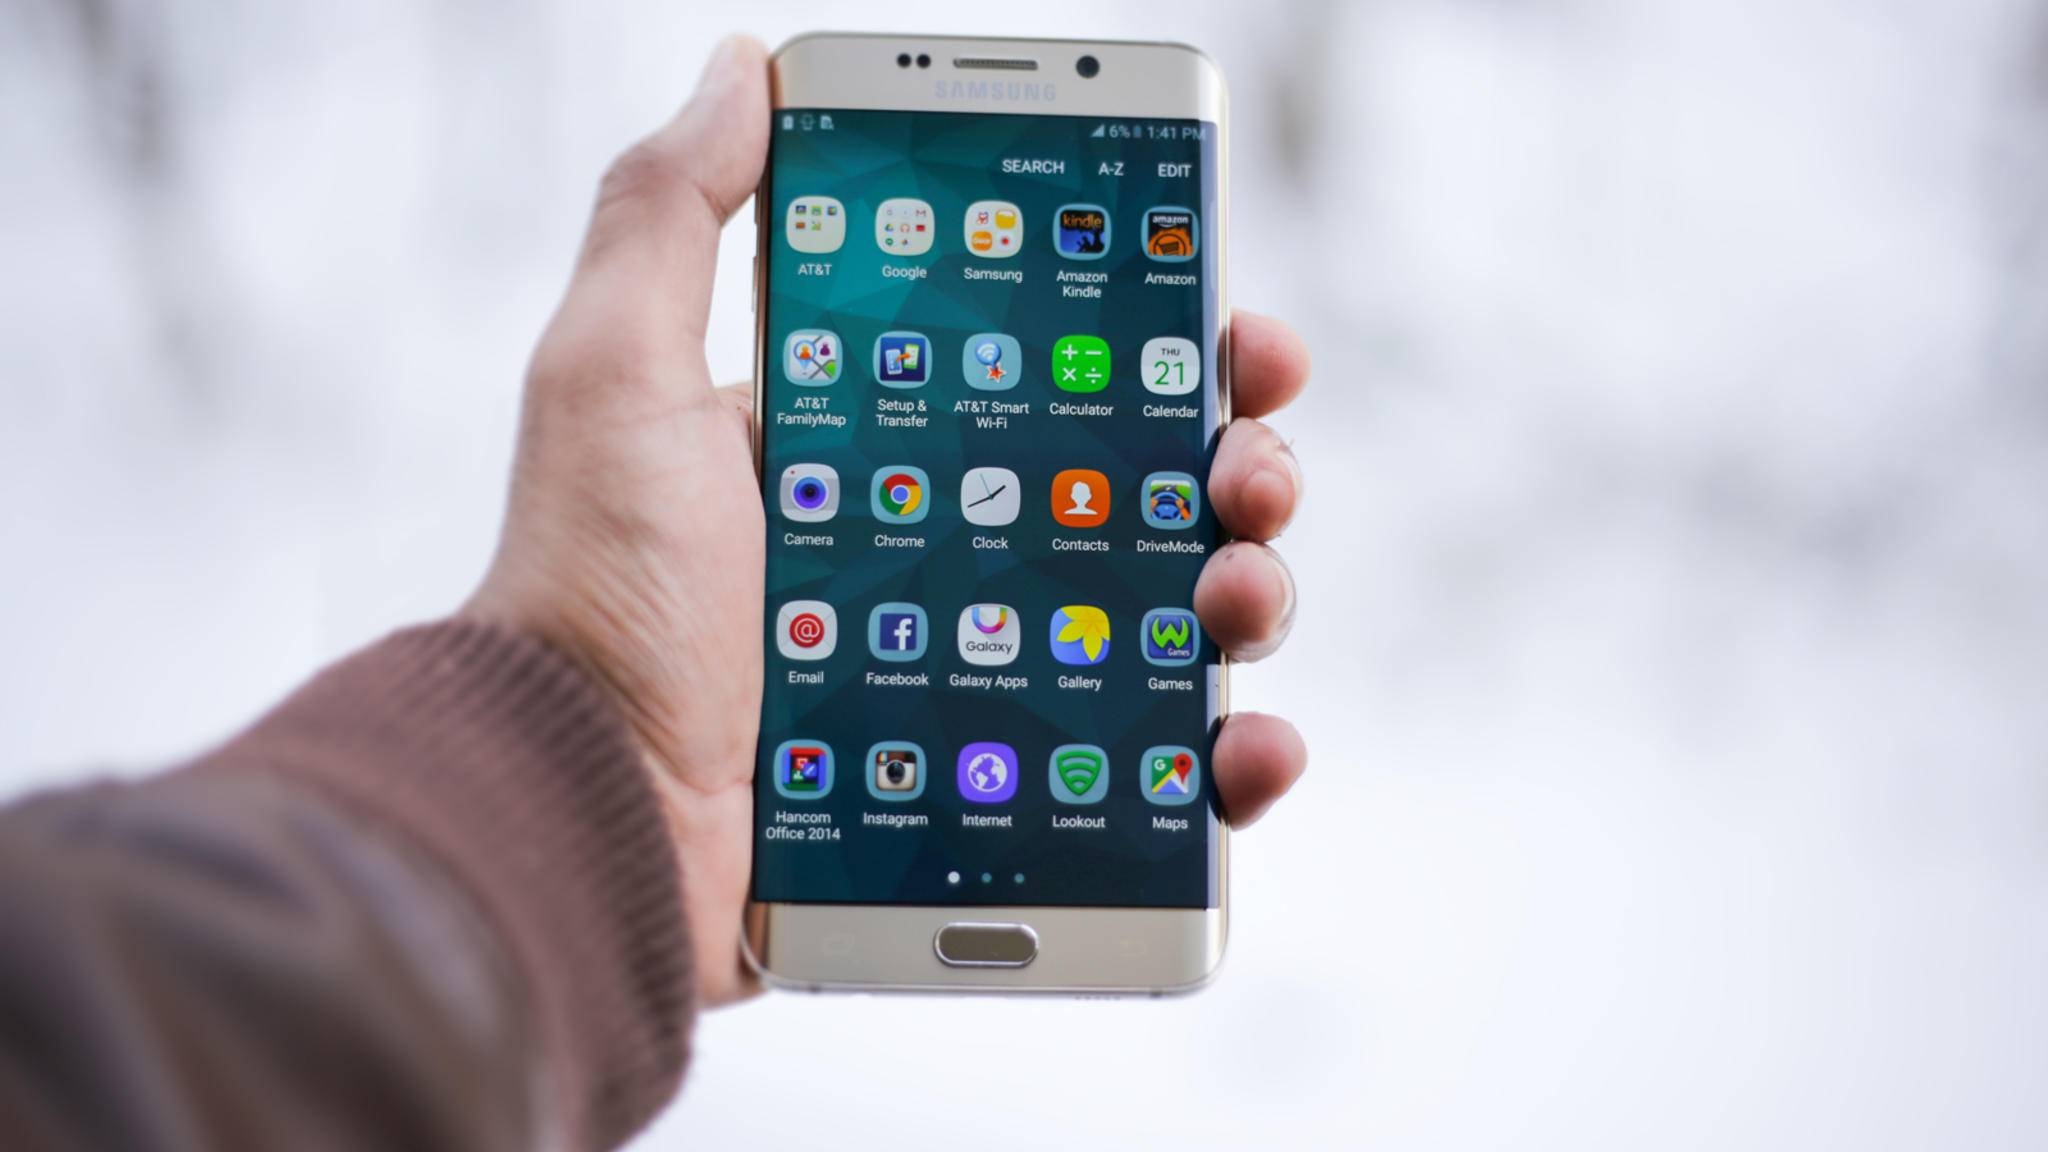 Handy gehackt: Ein Samsung Galaxy S6